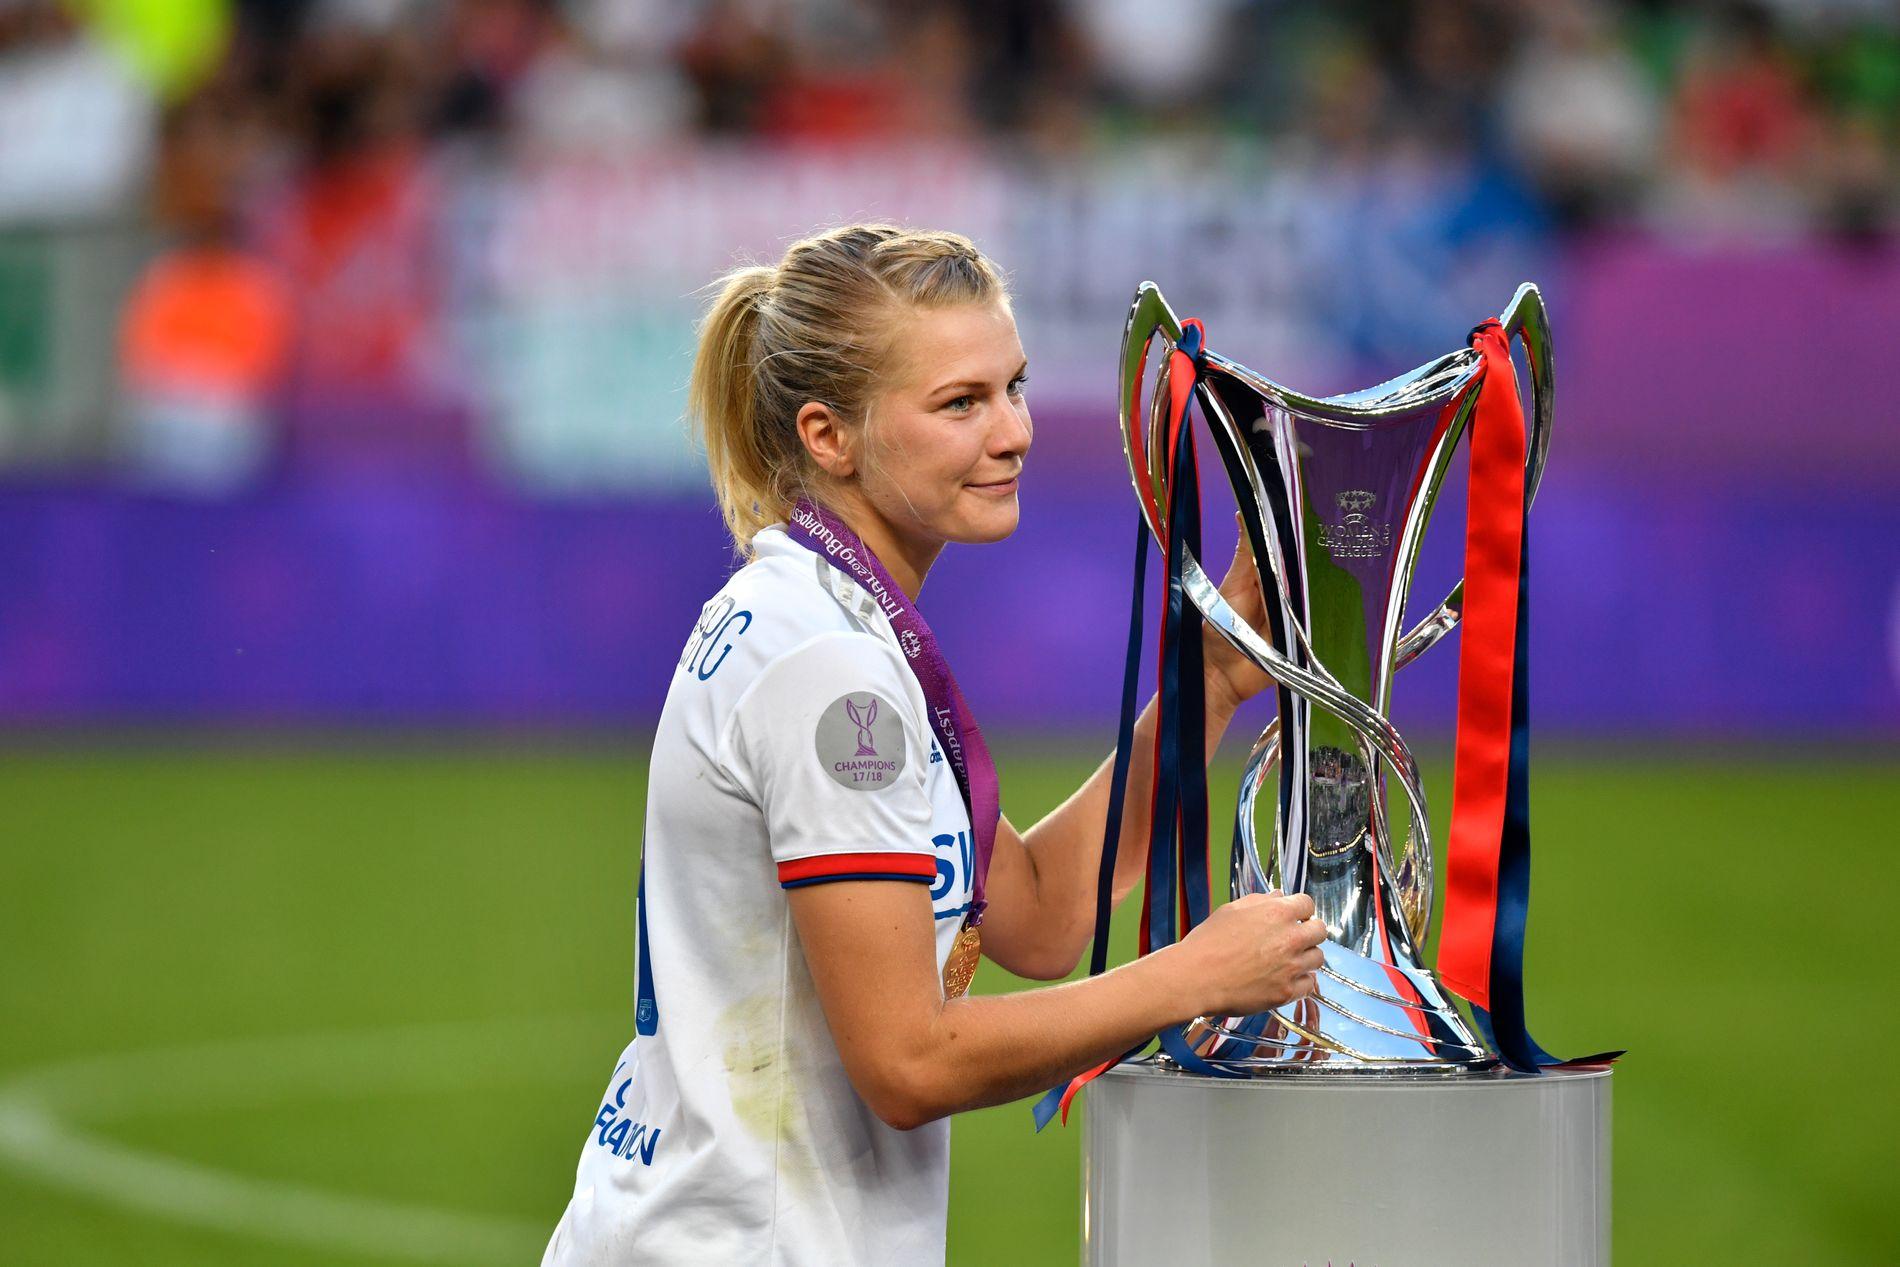 MERITTERT: Ada Hegerberg løftet Champions League-troféet for Lyon for fjerde år på rad i mai 2019. Nå kan hun også bli mestscorende spiller i turneringen noensinne.